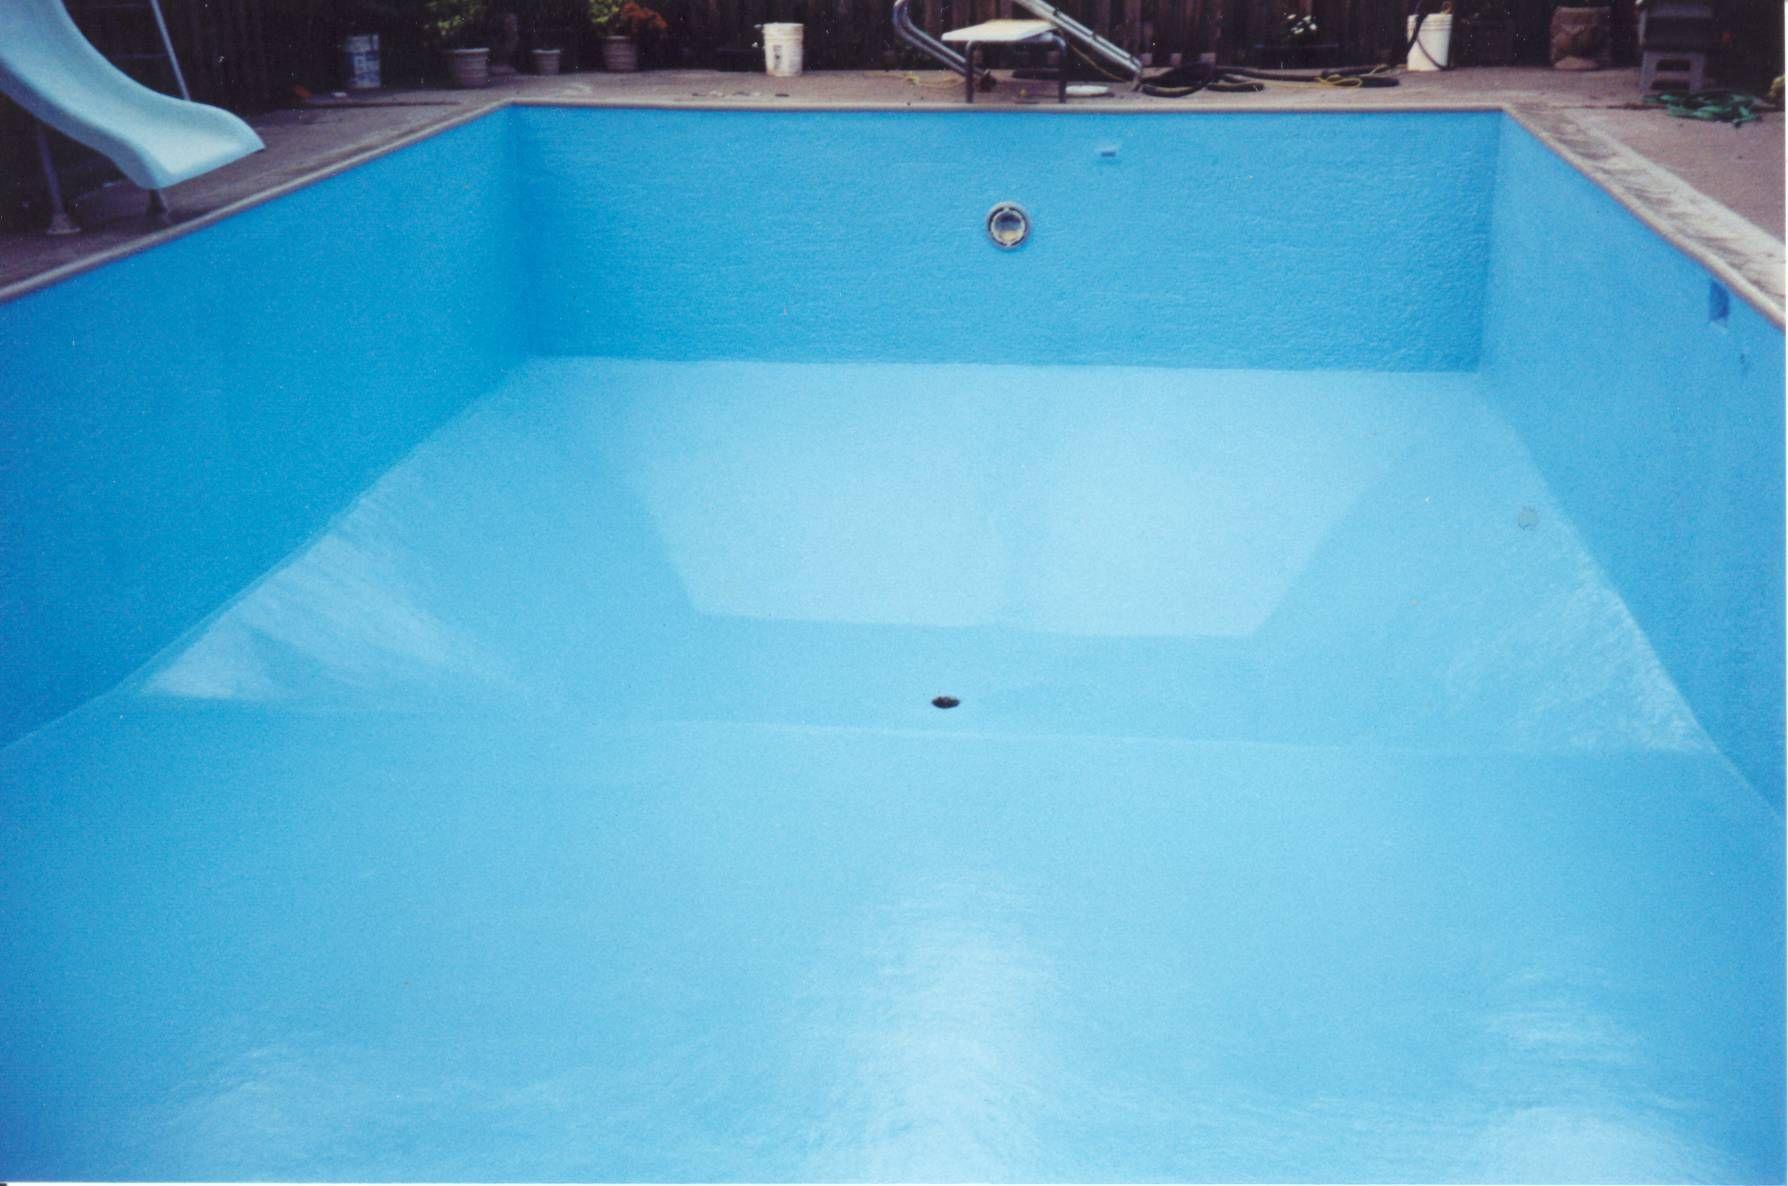 Swimming pool repair and waterproofing waterproofing - Waterproof paint for swimming pools ...